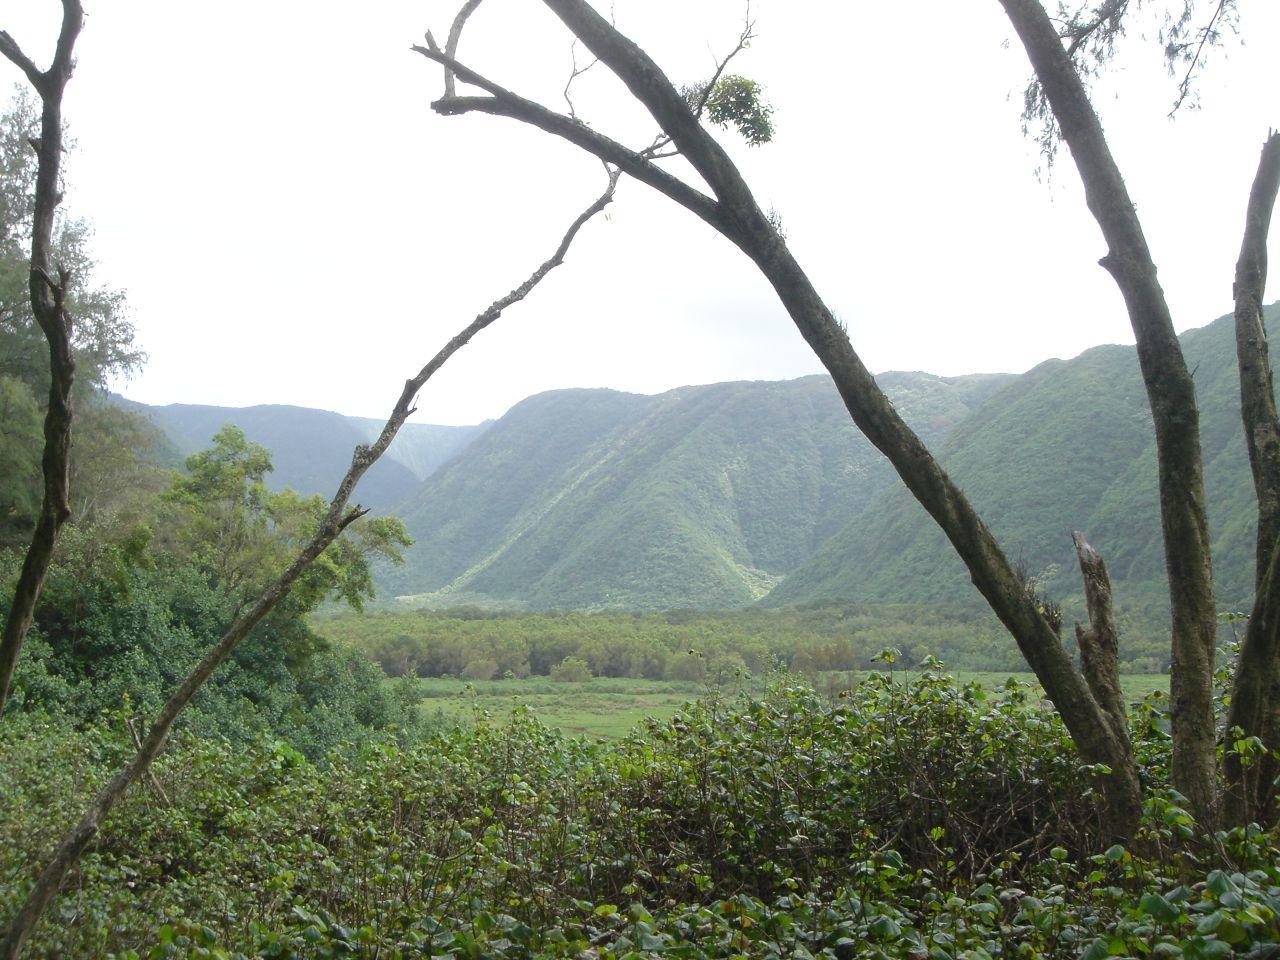 Landscape in Hawaii